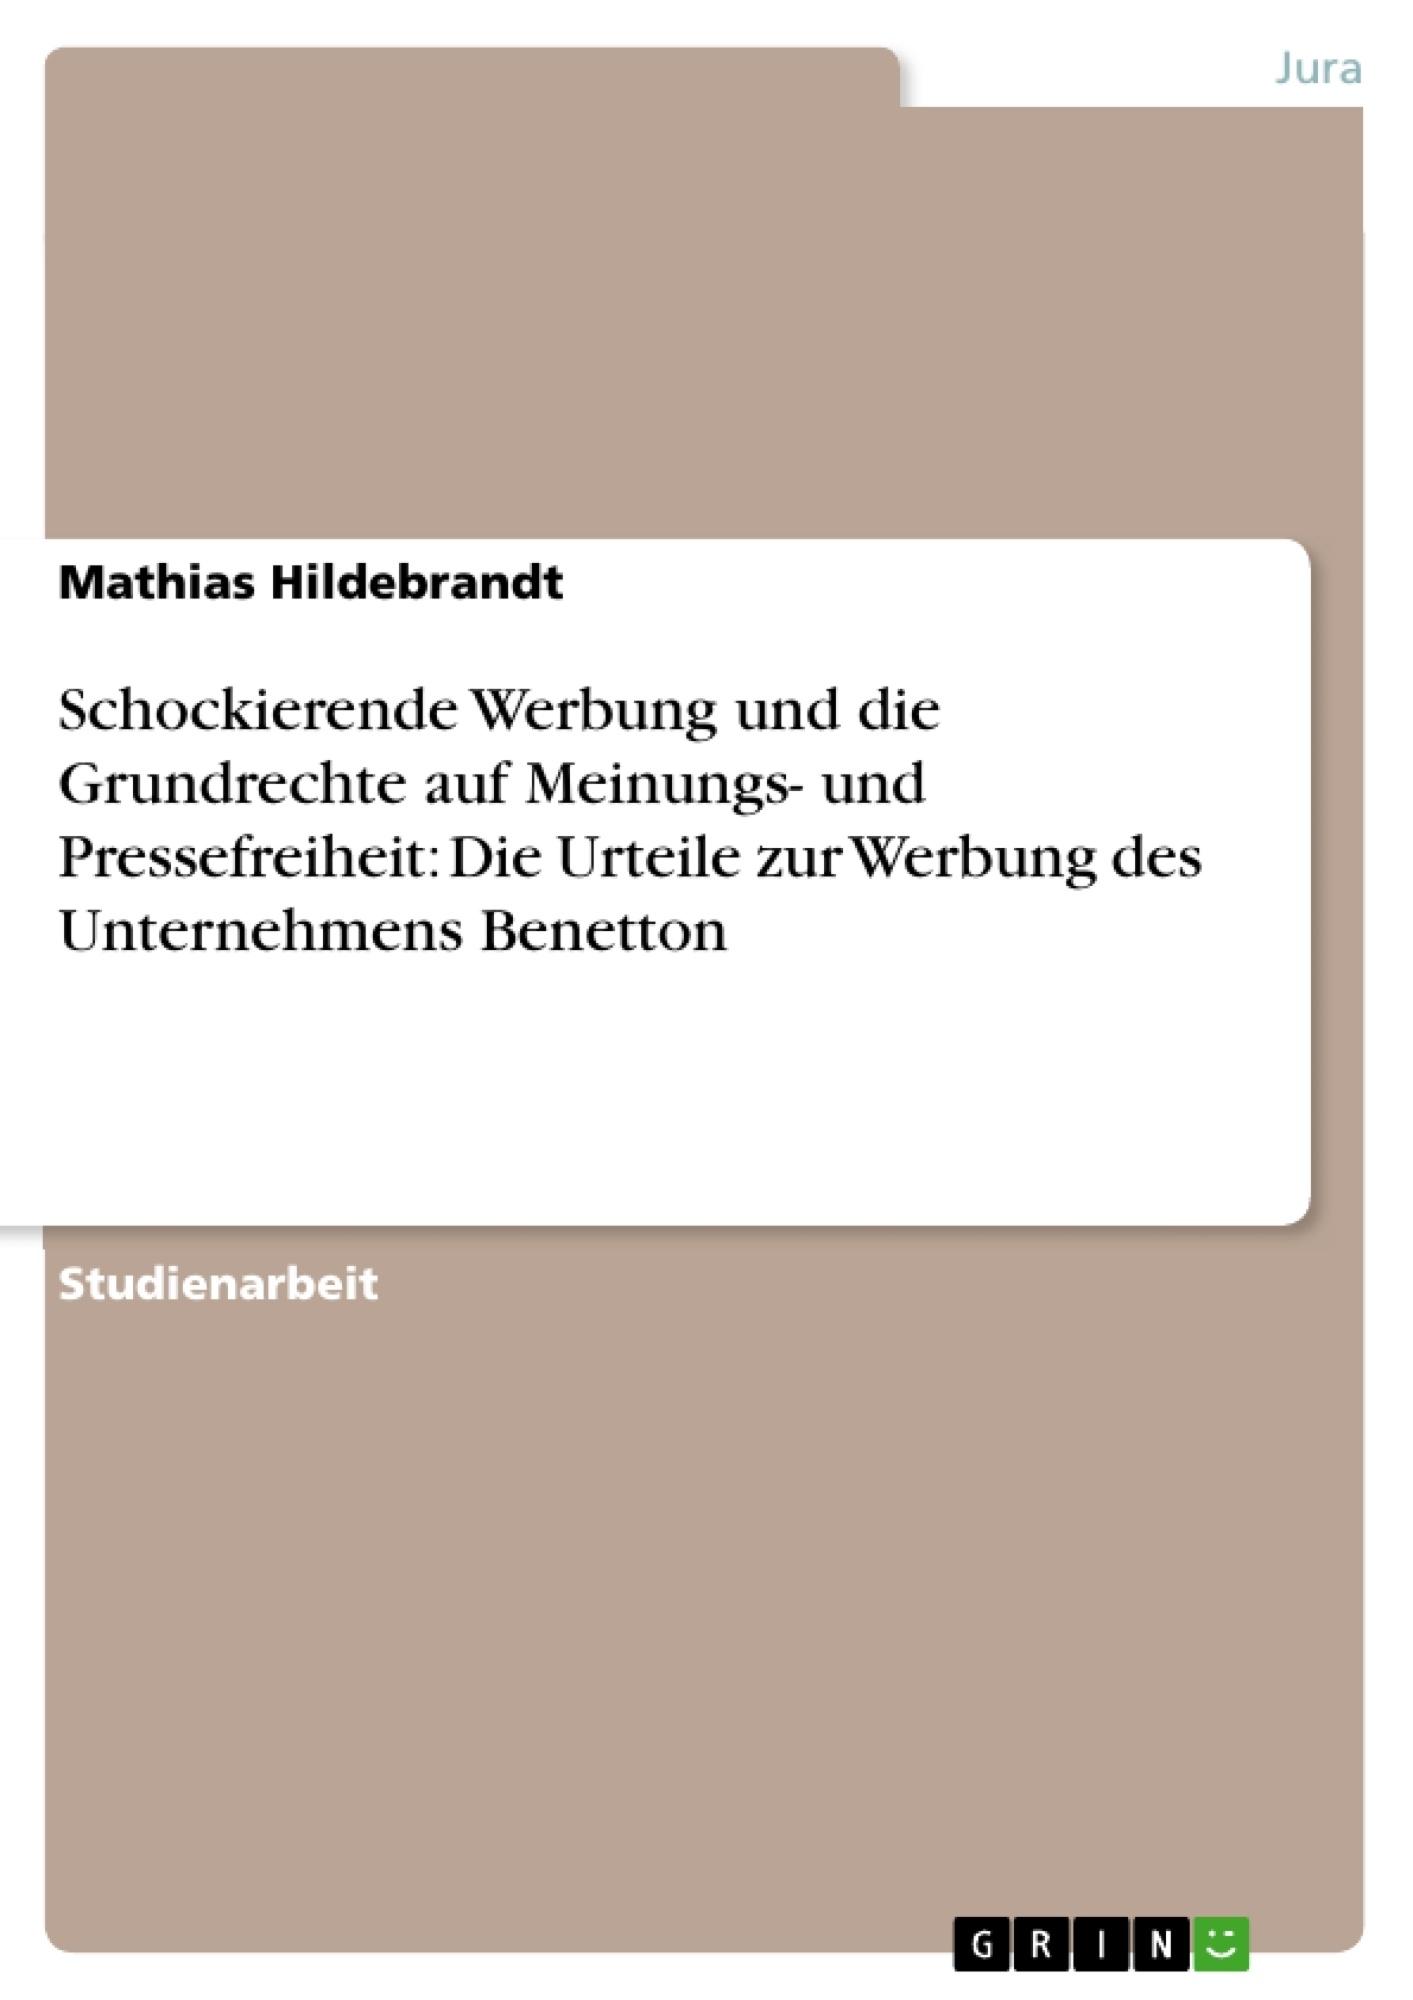 Titel: Schockierende Werbung und die Grundrechte auf Meinungs- und Pressefreiheit: Die Urteile zur Werbung des Unternehmens Benetton